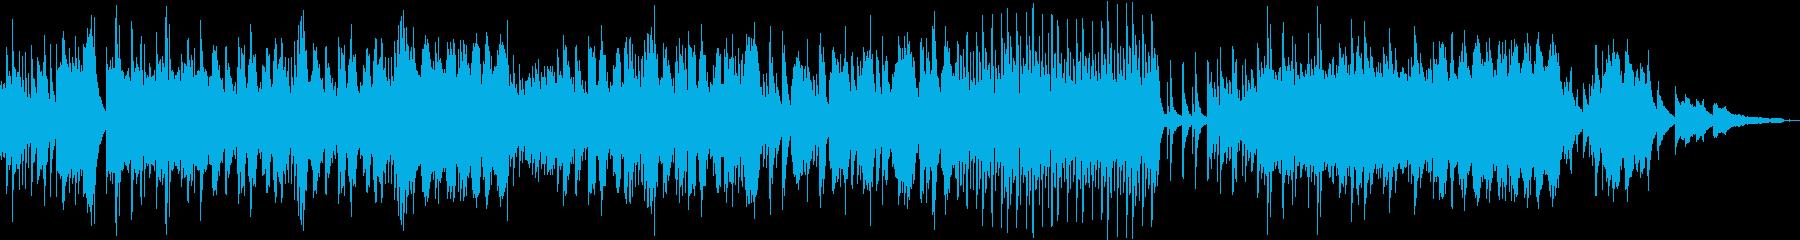 夏の癒し・ノスタルジックなピアノソロの再生済みの波形